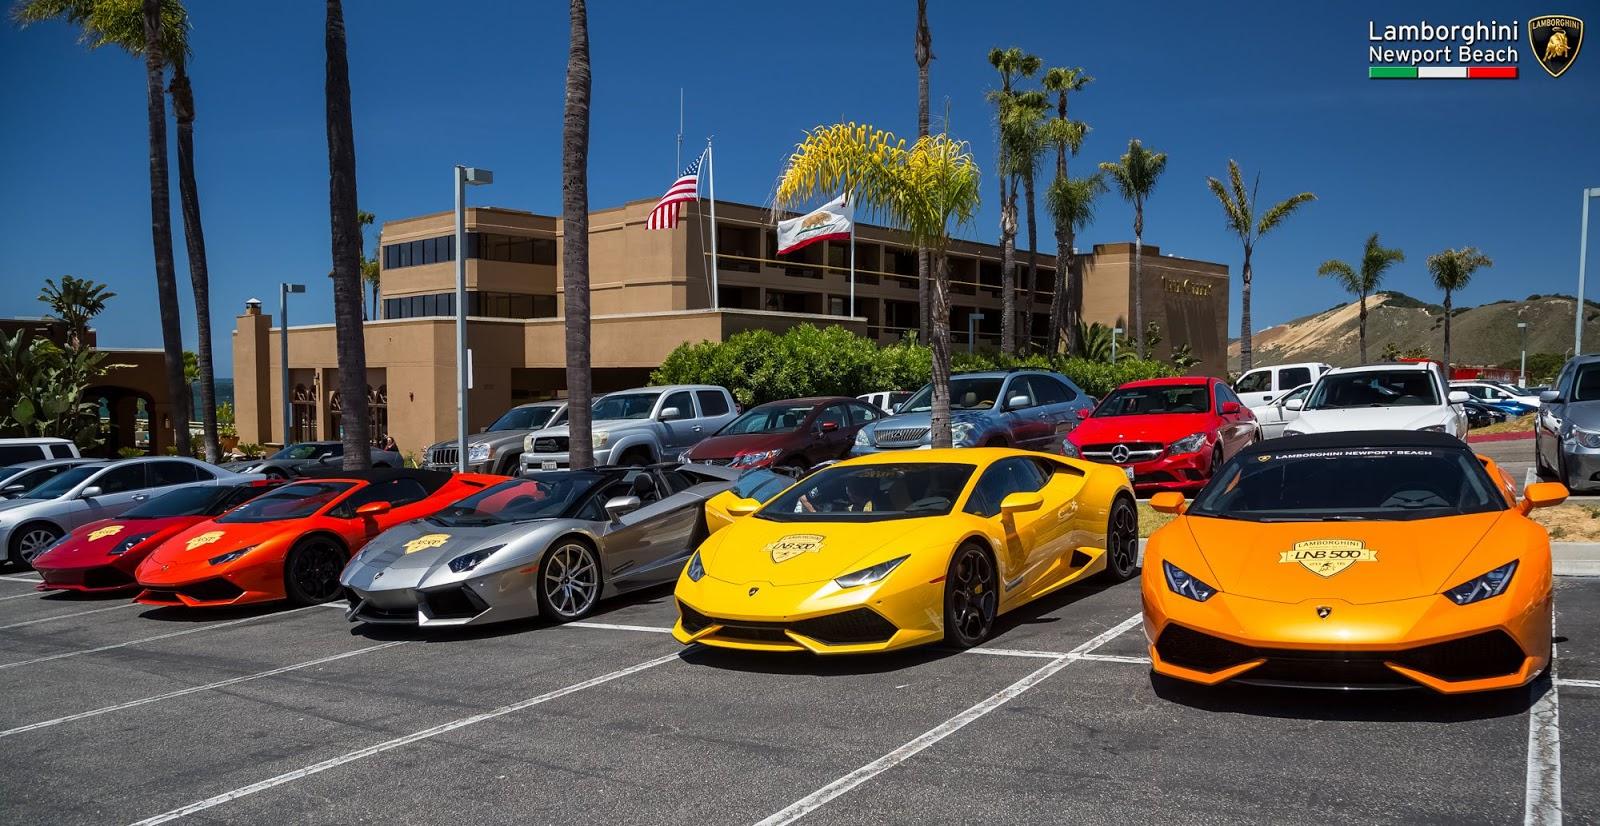 California được mệnh danh là thánh địa siêu xe nóng nhất tại Mỹ